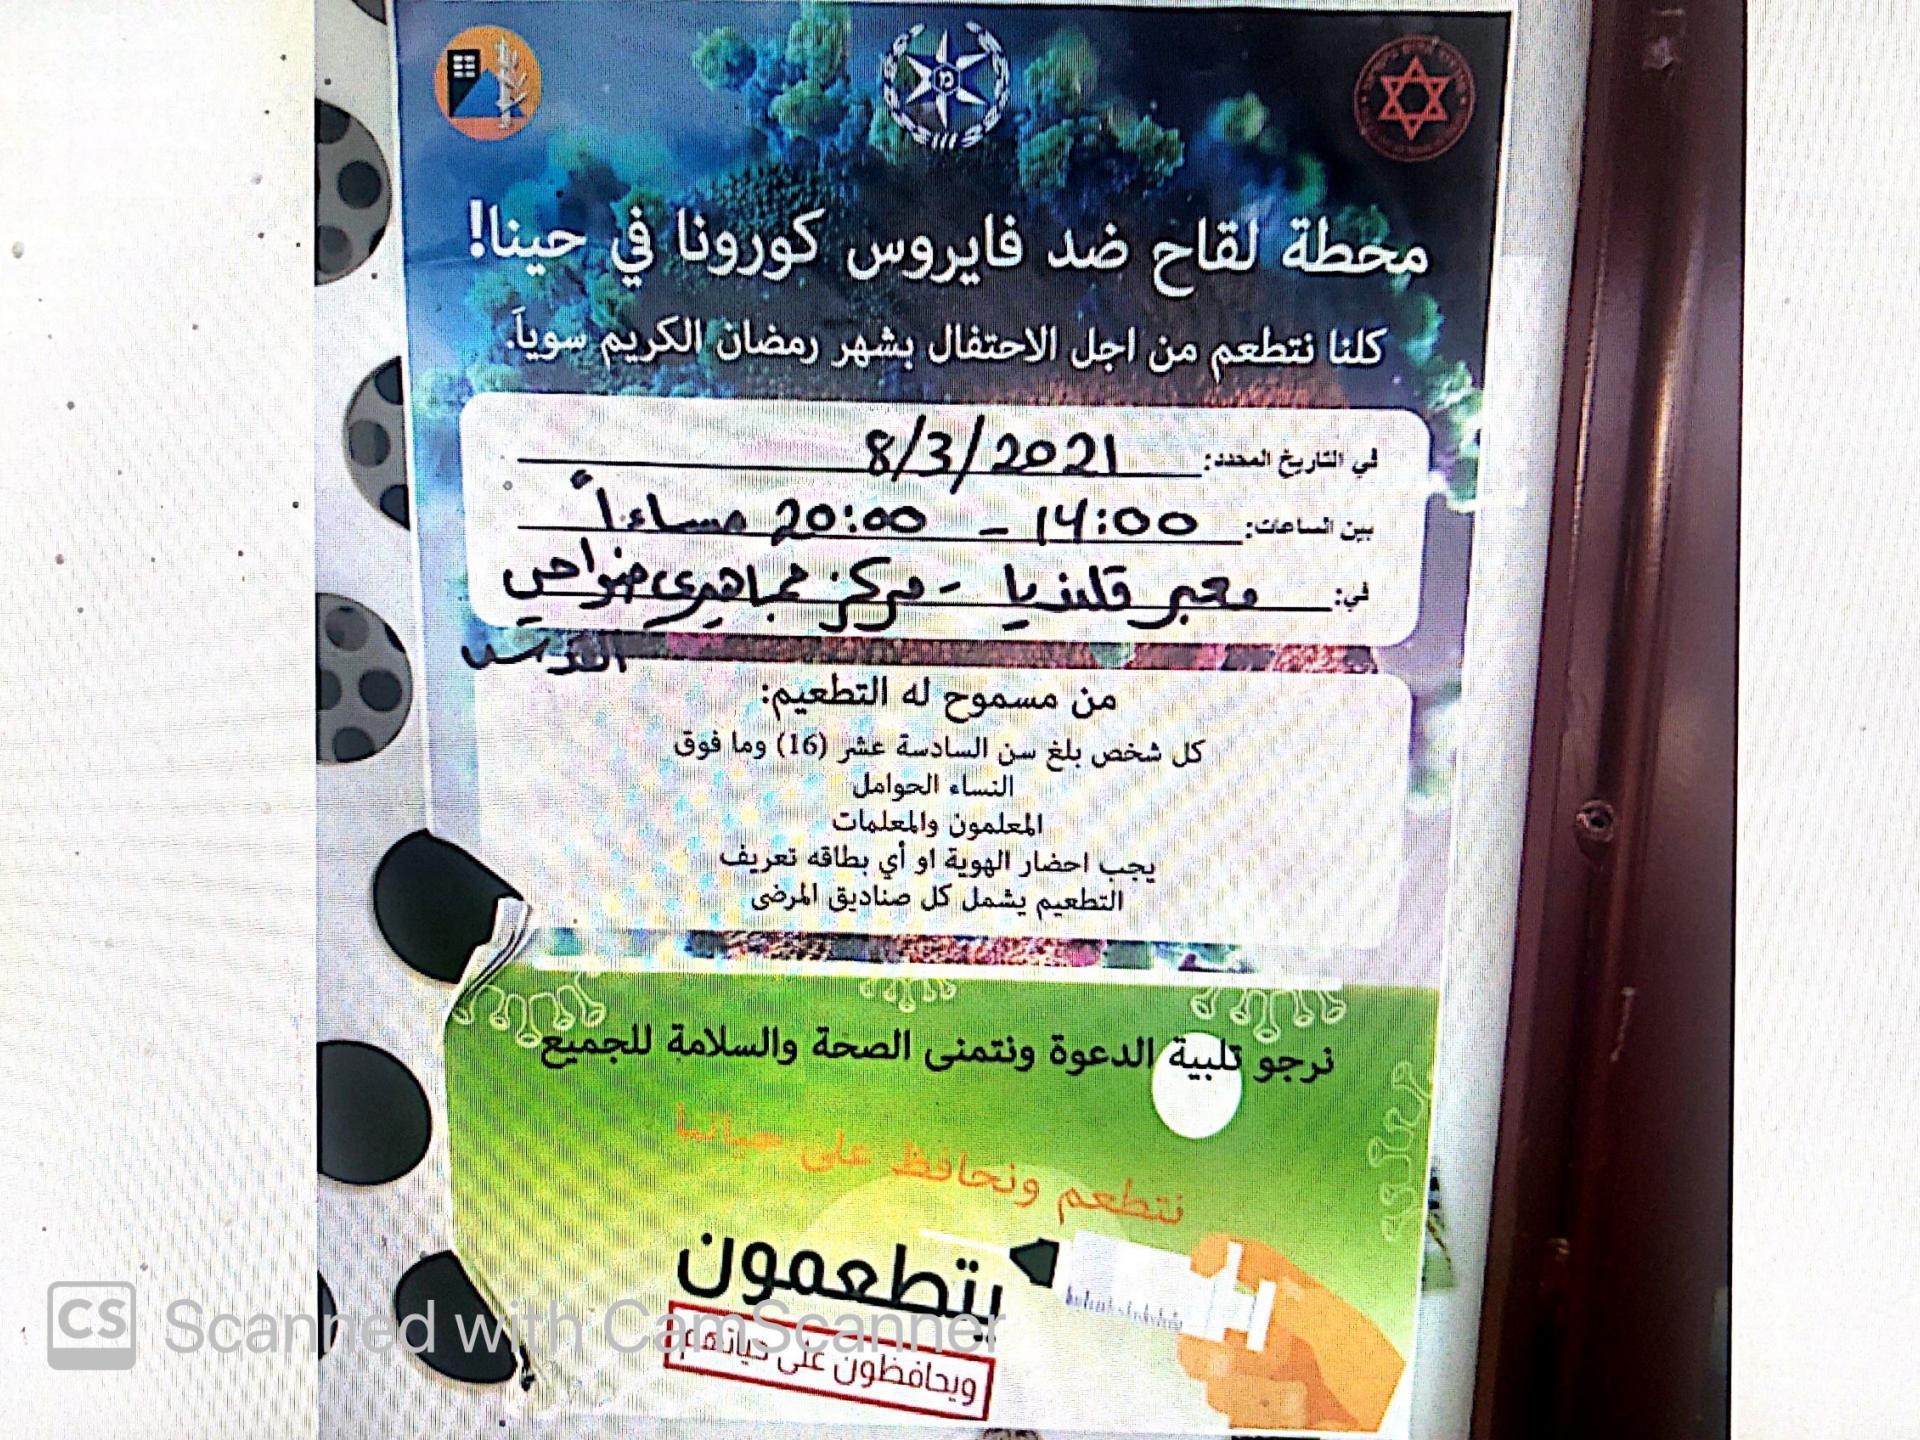 הודעה על מבצע חיסונים במחסום